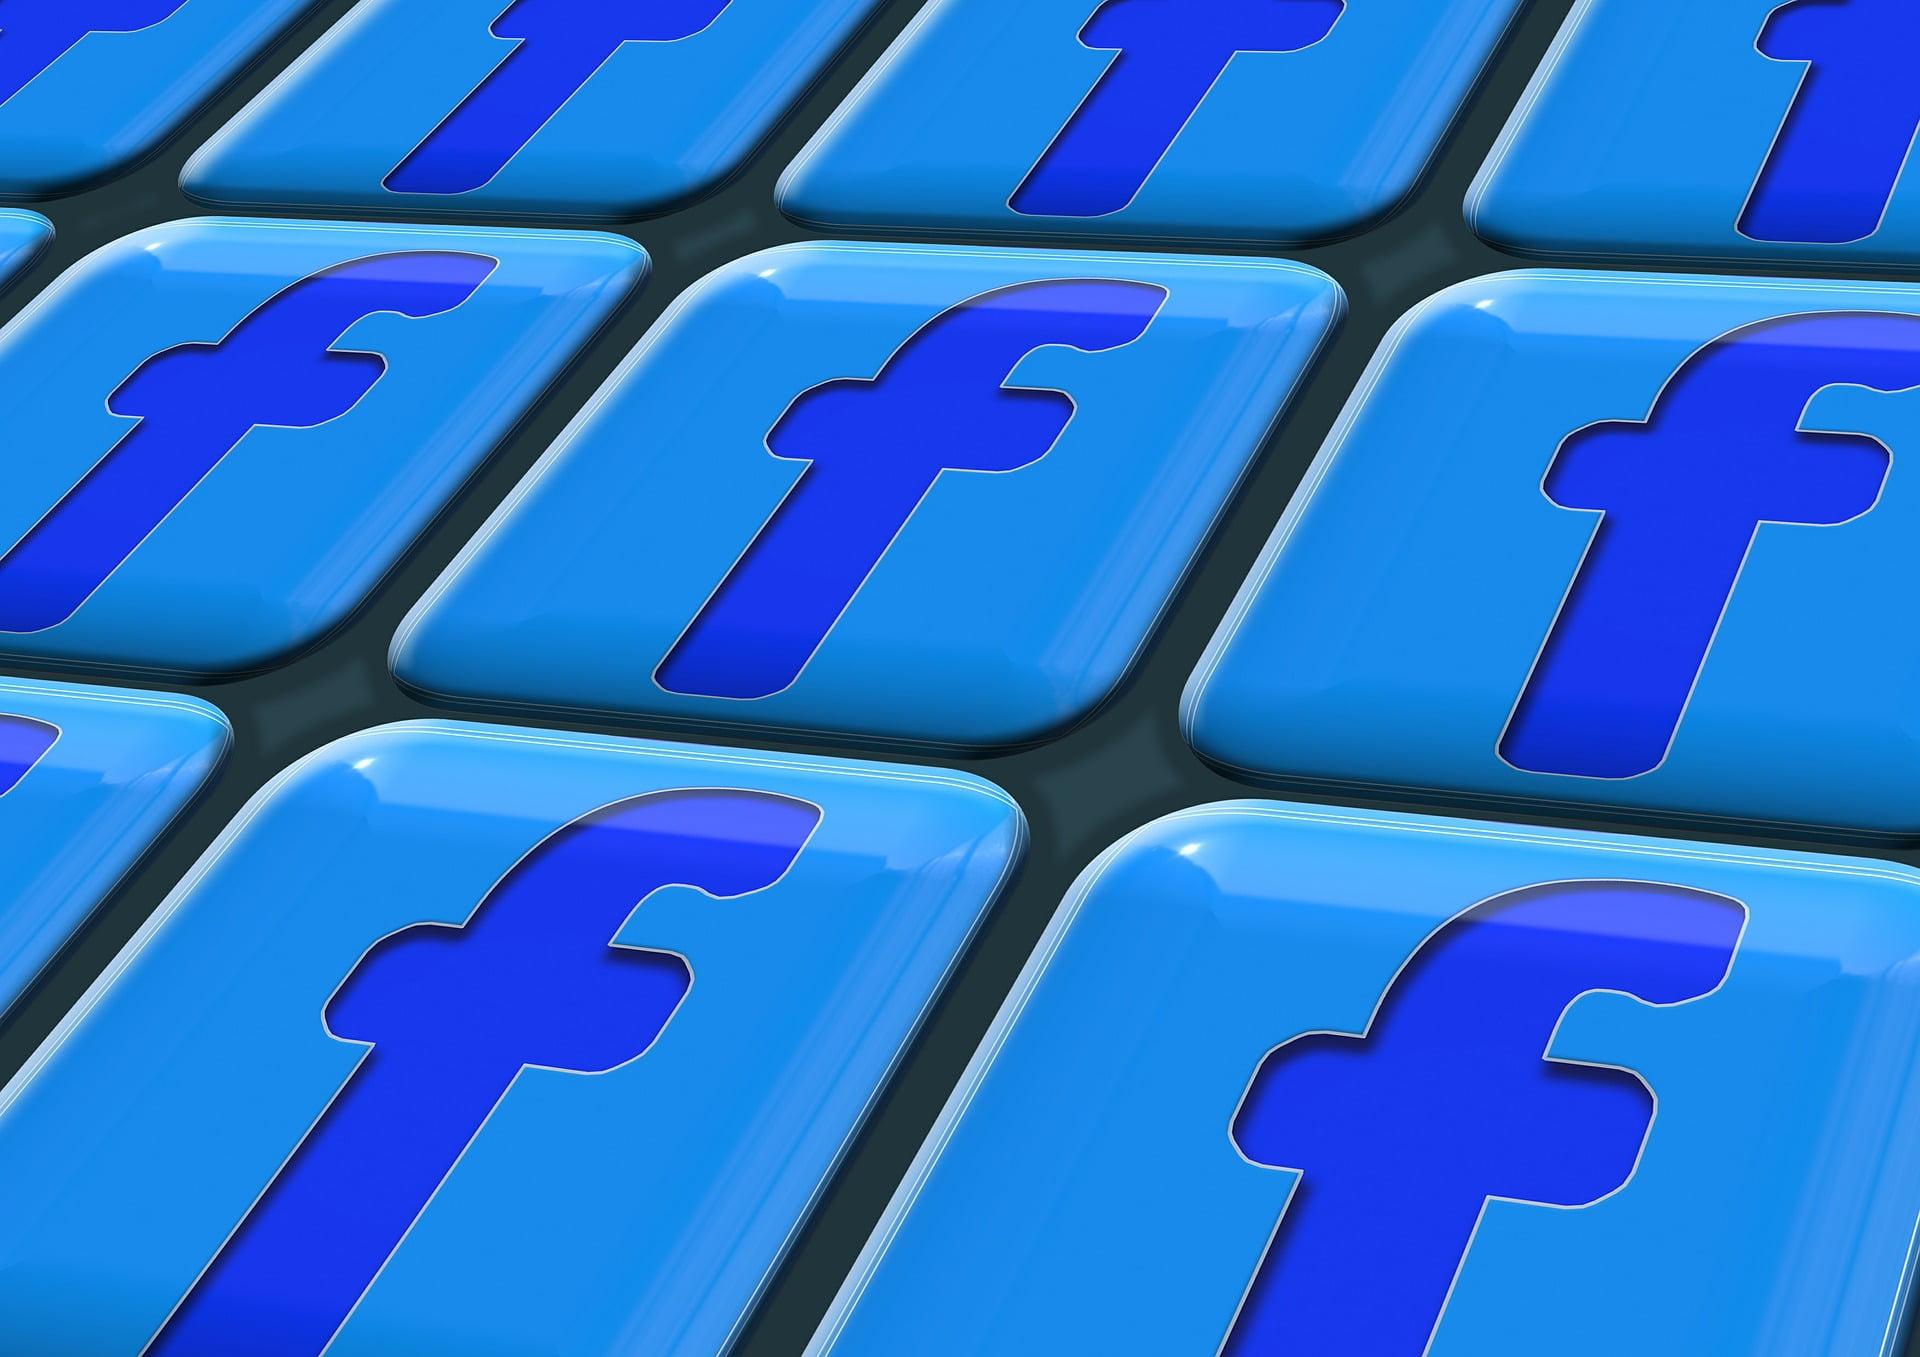 Facebook poszukuje blockchain'owych talentów na 5 różnych stanowisk